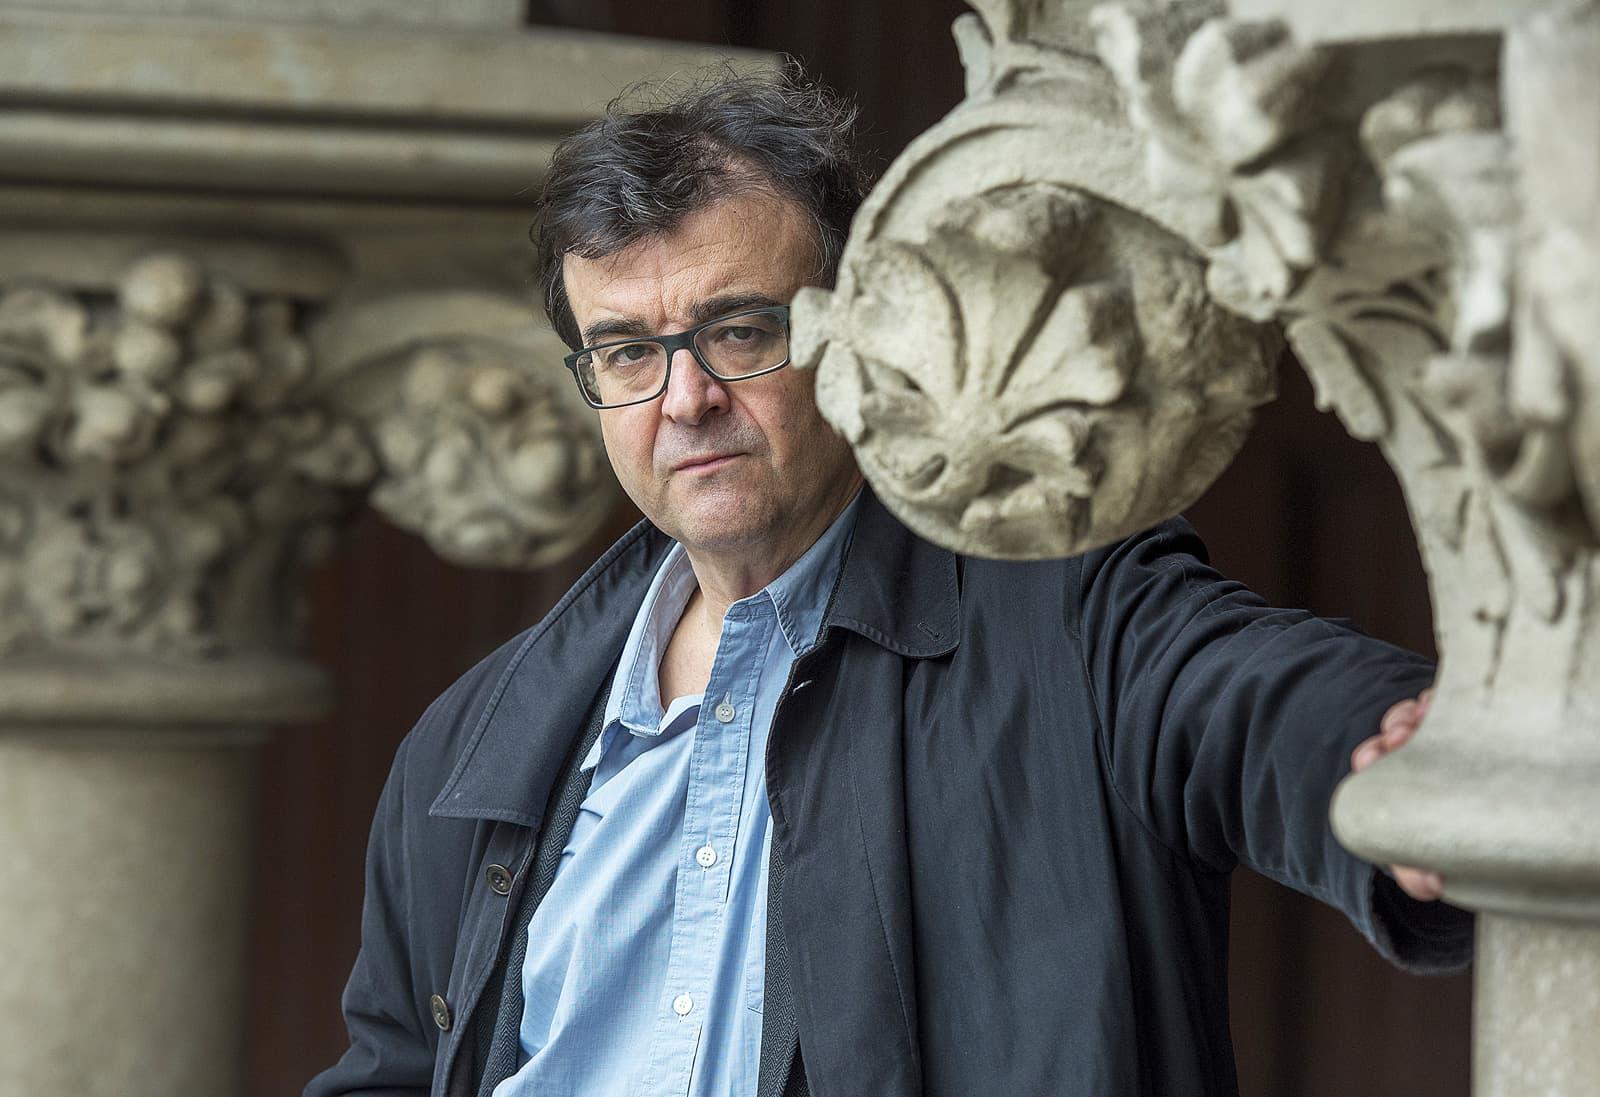 Javier Cercas aquest desembre a Barcelona, abans de l'entrevista. Fotografia de Ferran Sendra